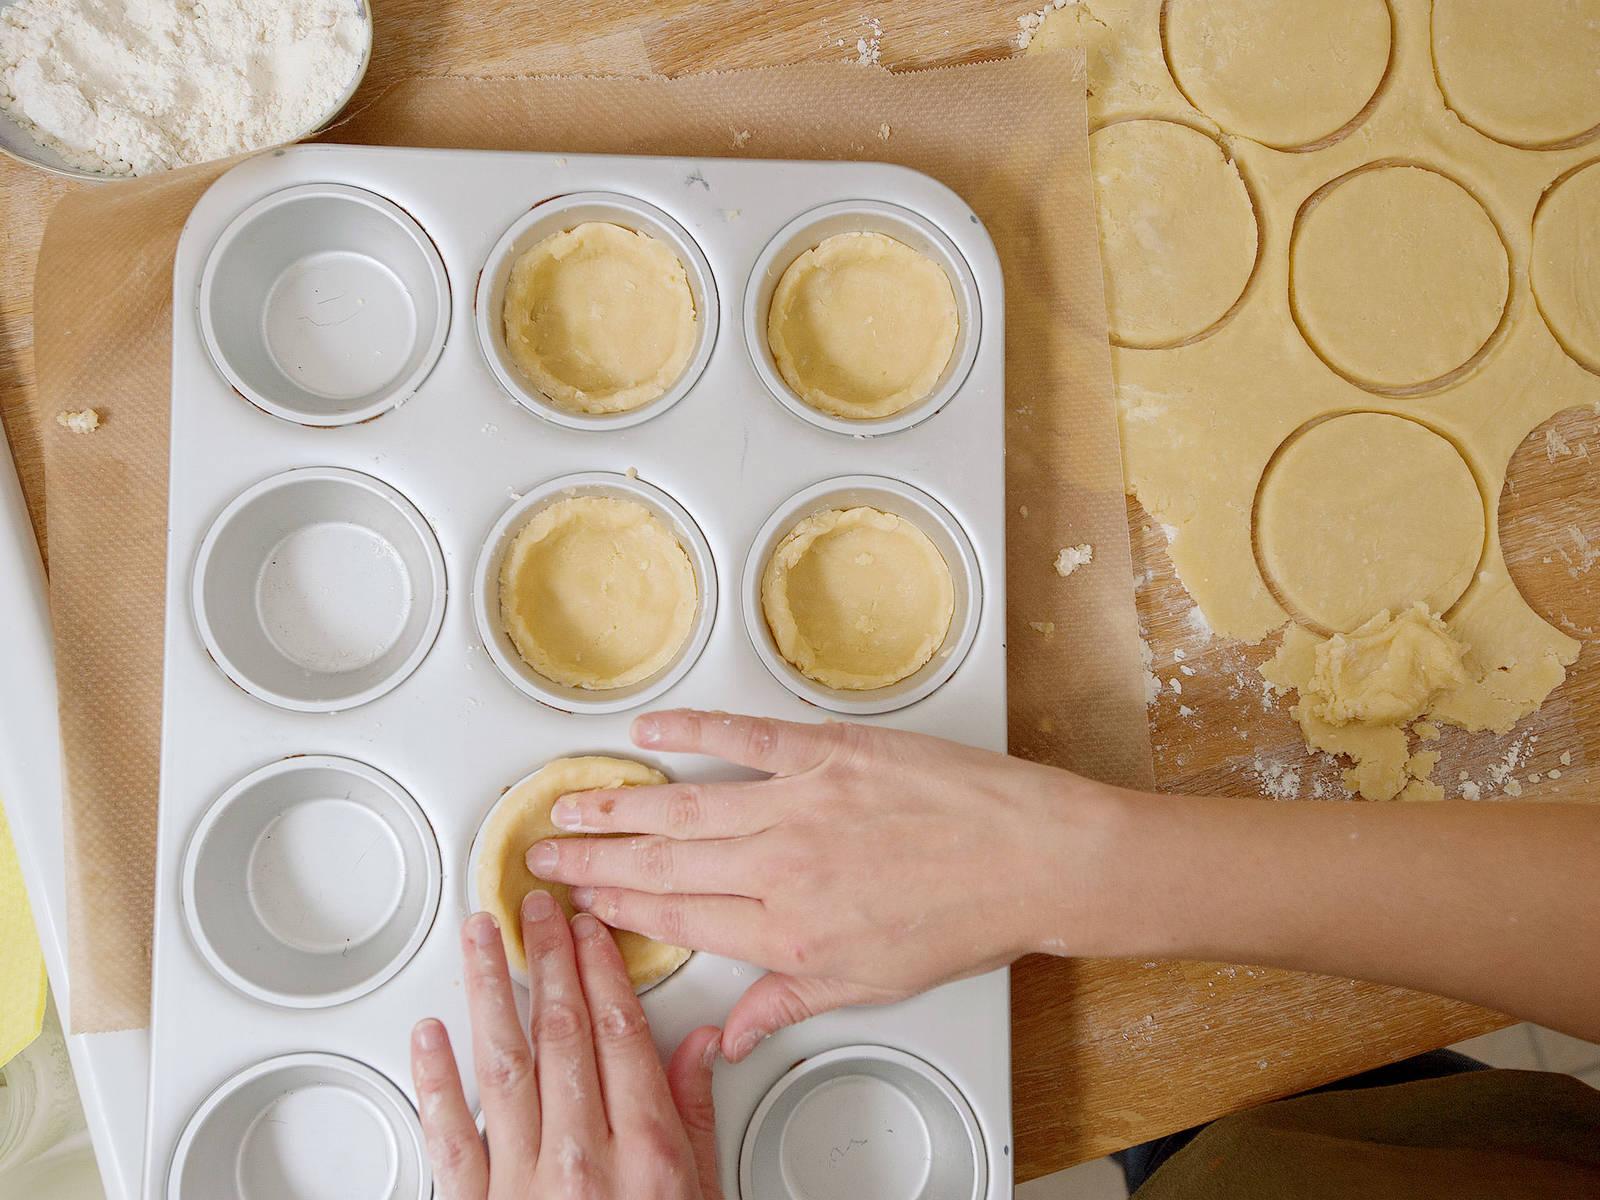 Jeweils einen Kreis in eine Muffinform drücken und mit einer Gabel ein paar Mal einstechen. Den Teig ca. 10 Min. backen und anschließend abkühlen lassen. Den Backofen während der Zubereitung der Füllung angeschaltet lassen.